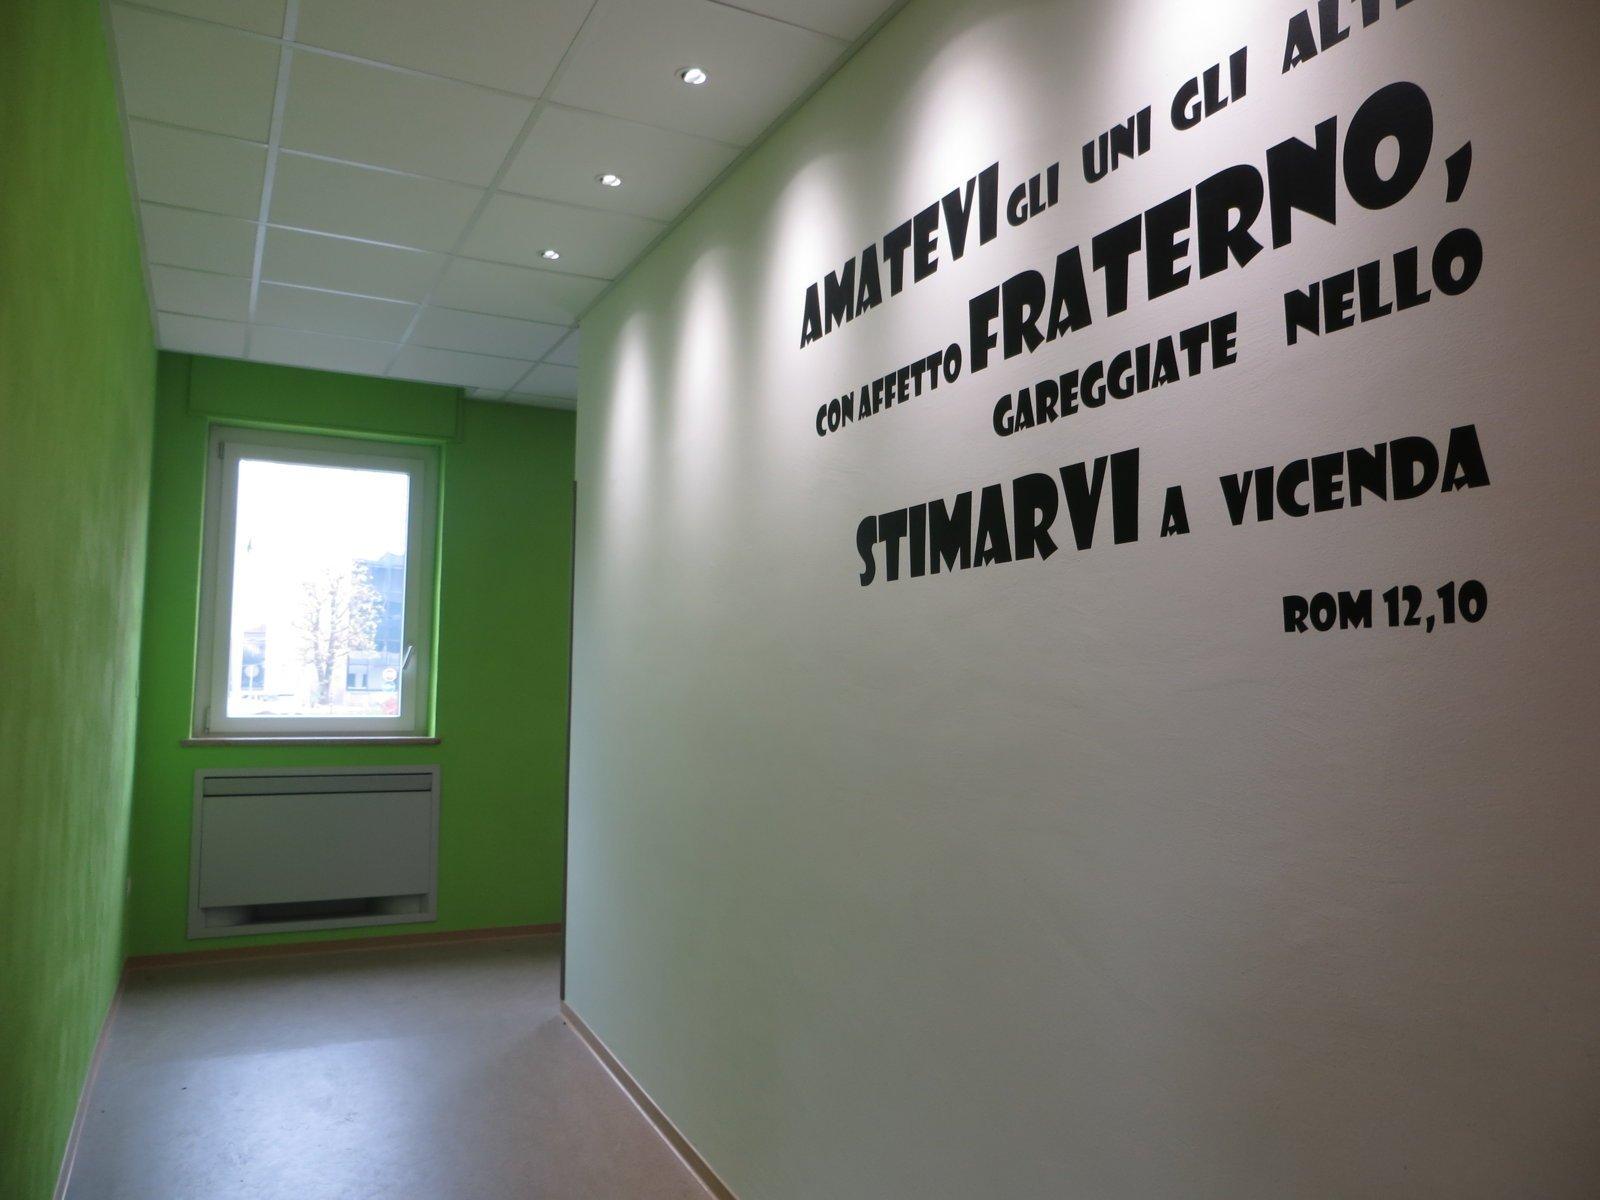 parete bianca e verde con frase nera